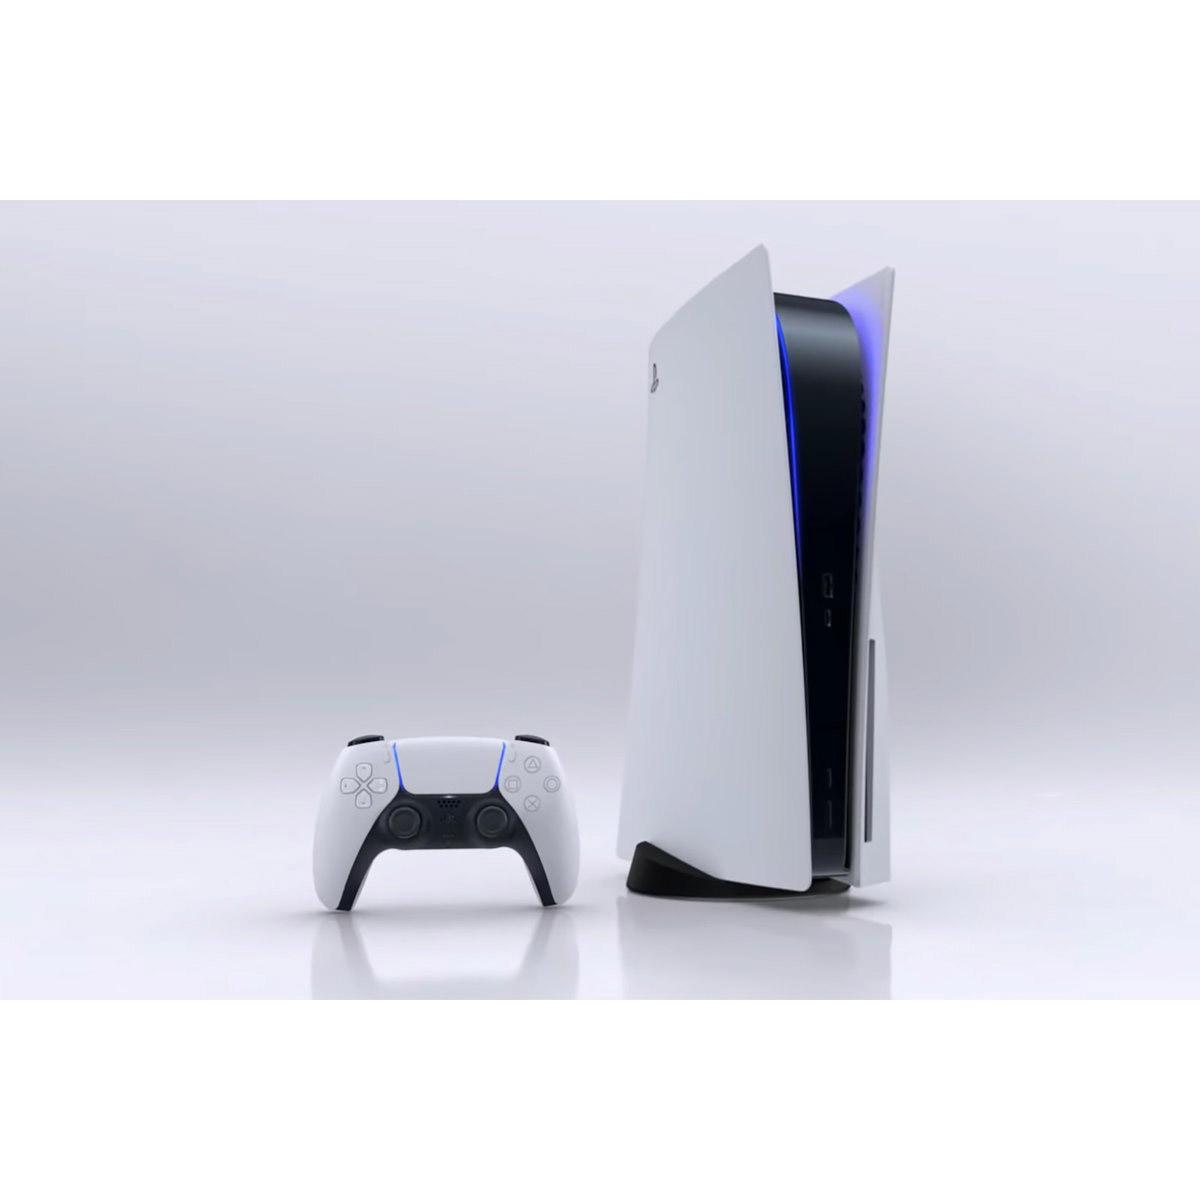 مجموعه کنسول بازی سونی مدل PlayStation 5 Digital ظرفیت 825 گیگابایت به همراه دسته اضافه